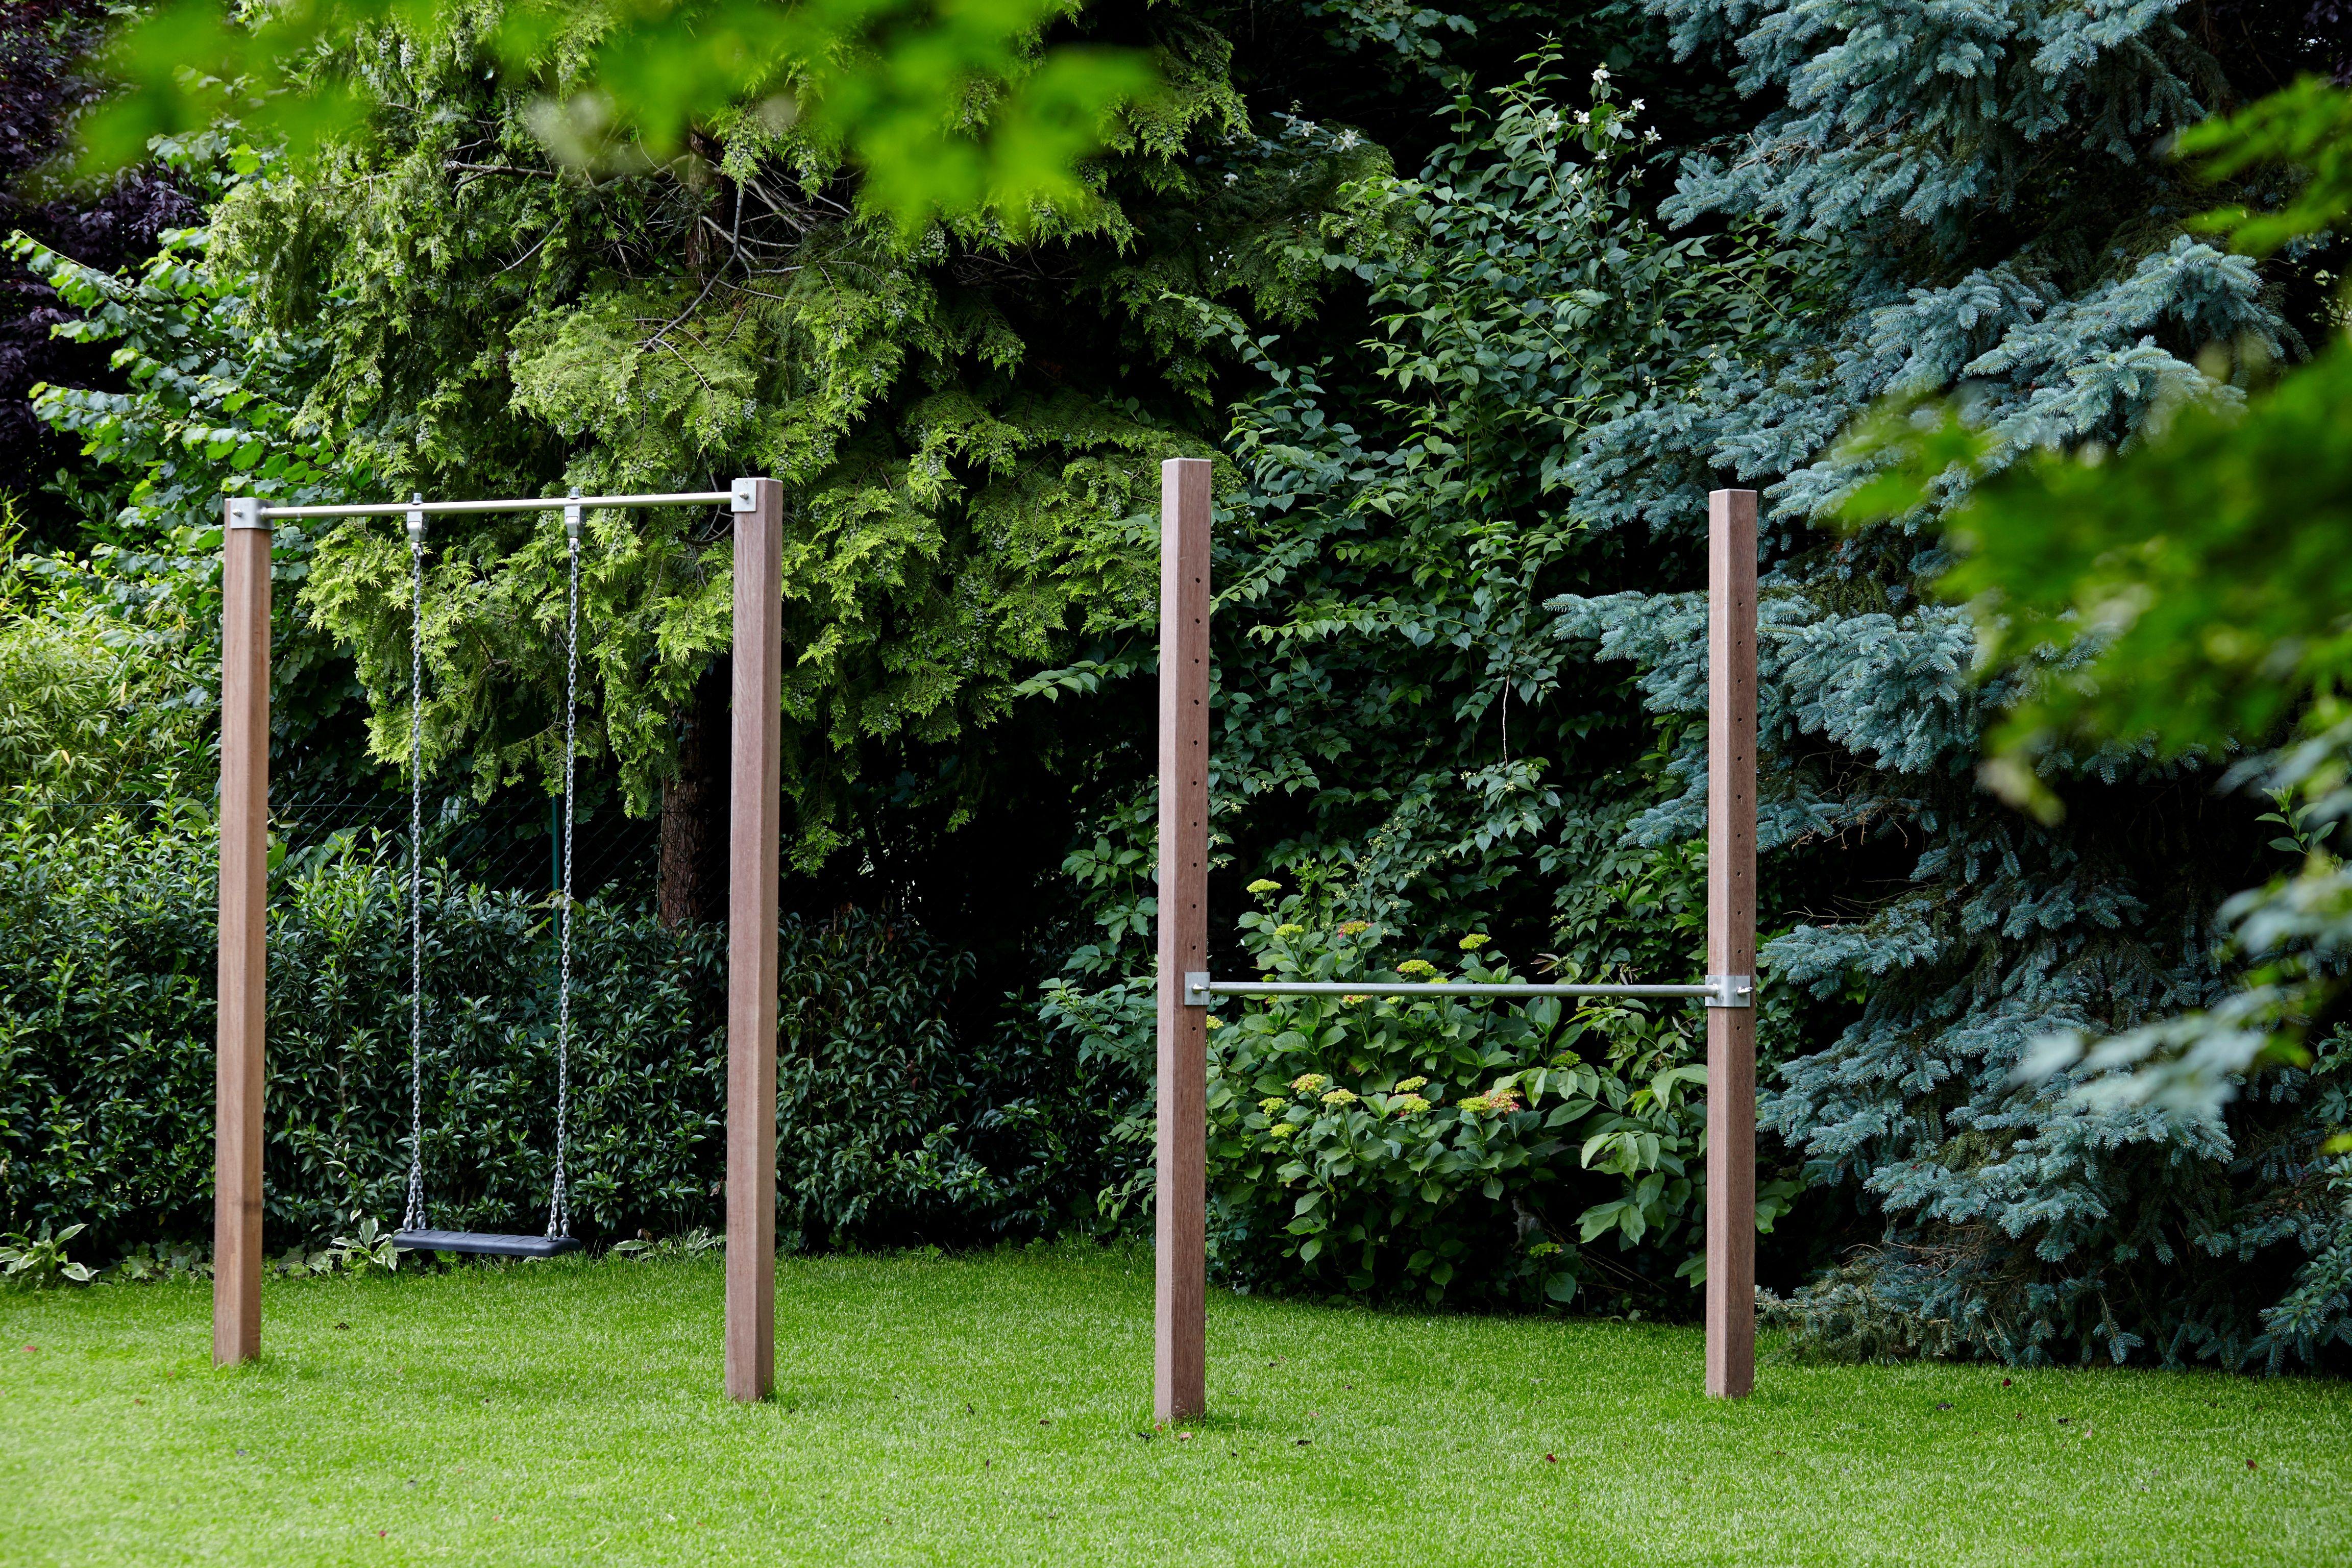 Klettergerüst English : Hier eine schaukel mit klettergerüst von rheingrün individuell